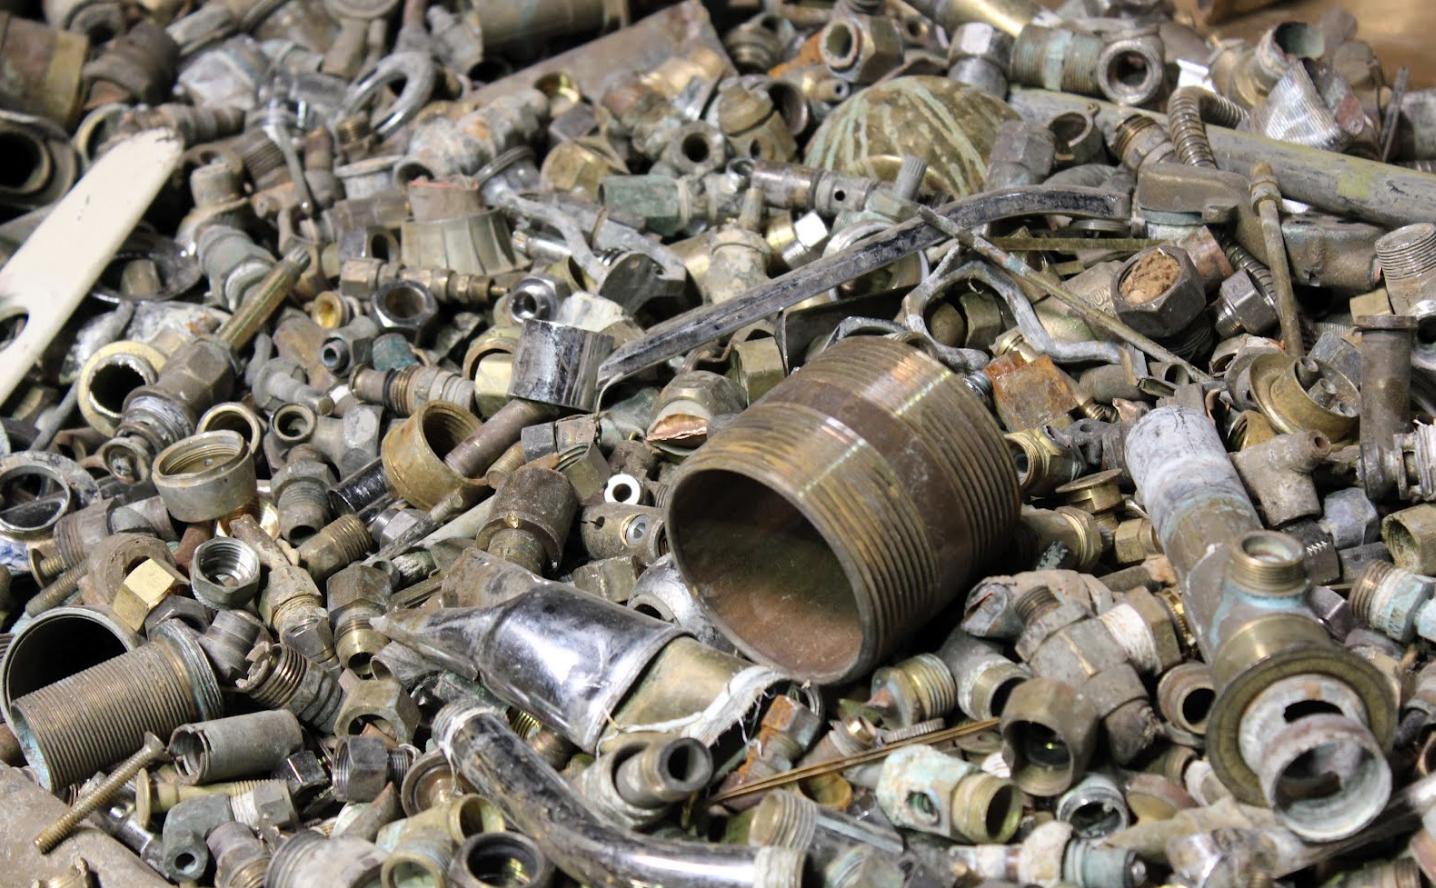 Сколько стоит 1 кг металлолома в Поварово прием металла на коммунальной харьков